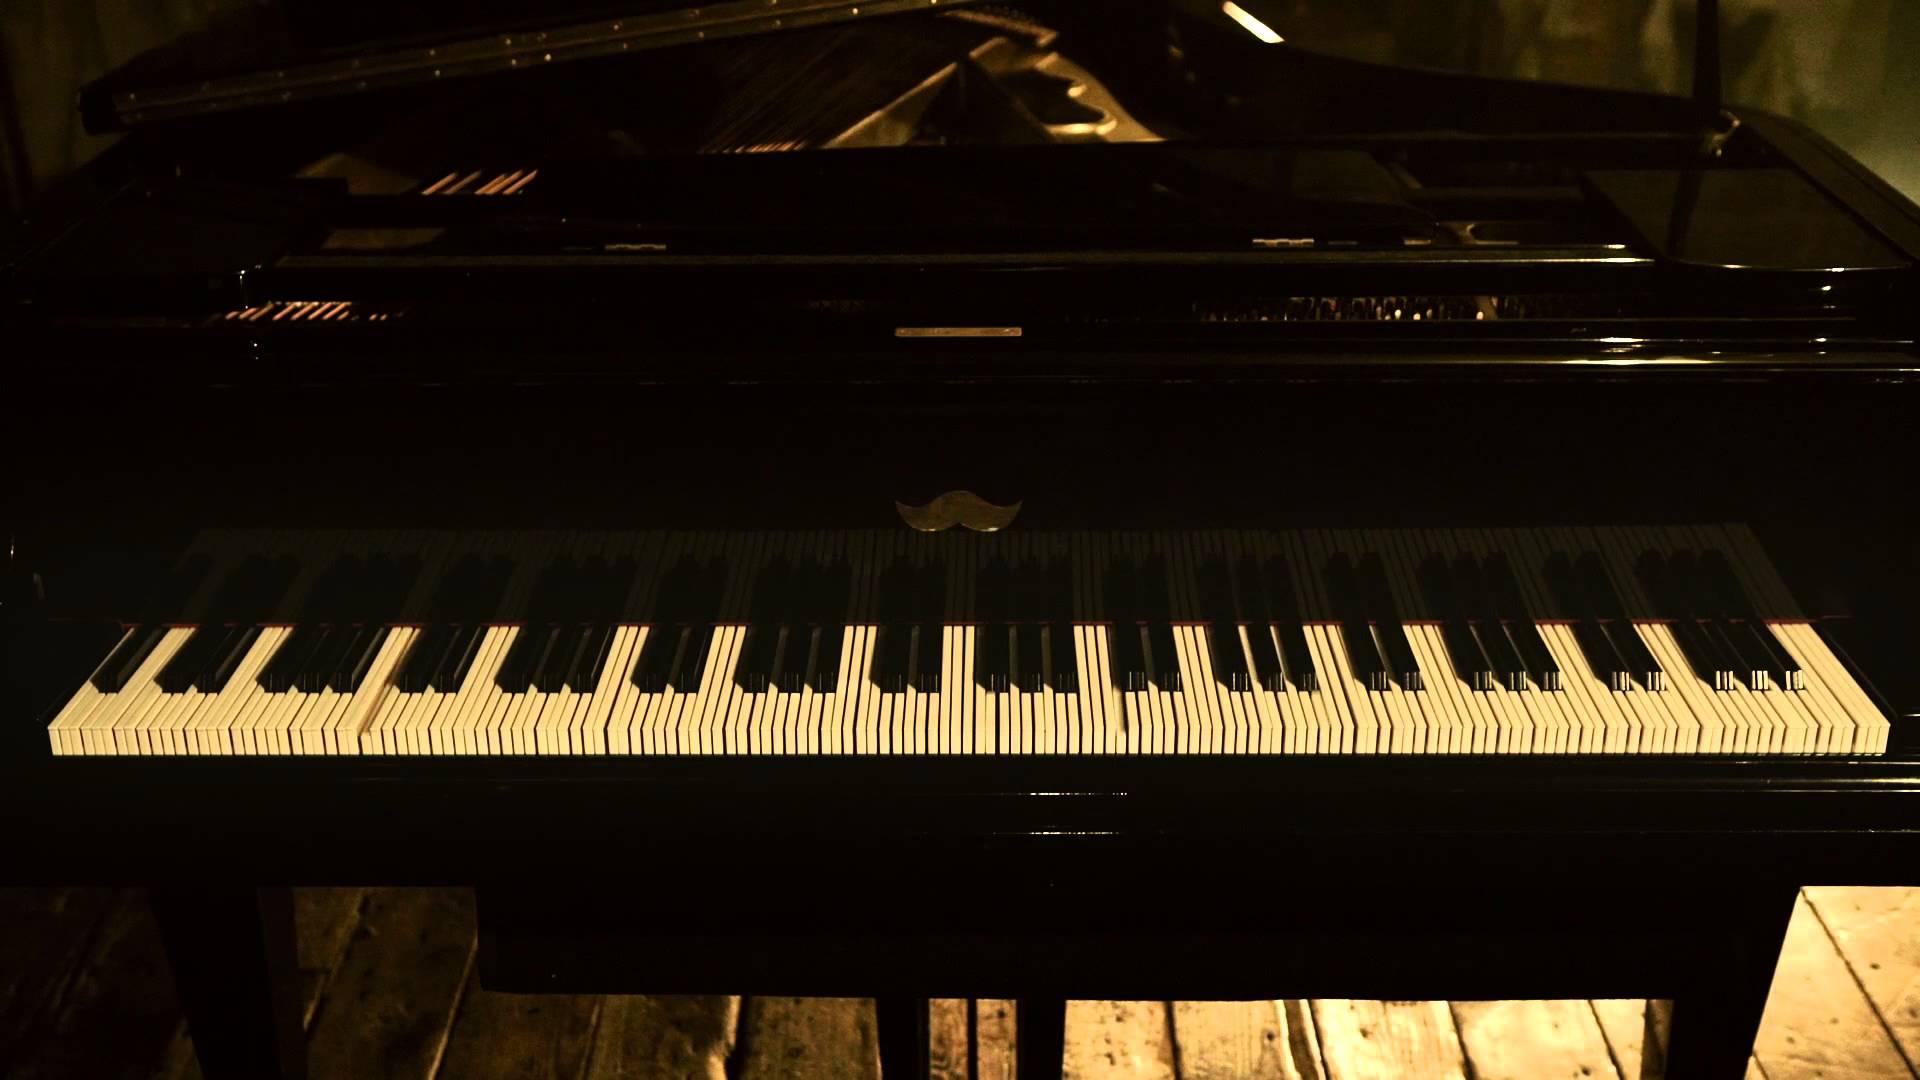 通常の3倍もの鍵盤数「3倍高密ピアノ」で演奏する「きらきら星」